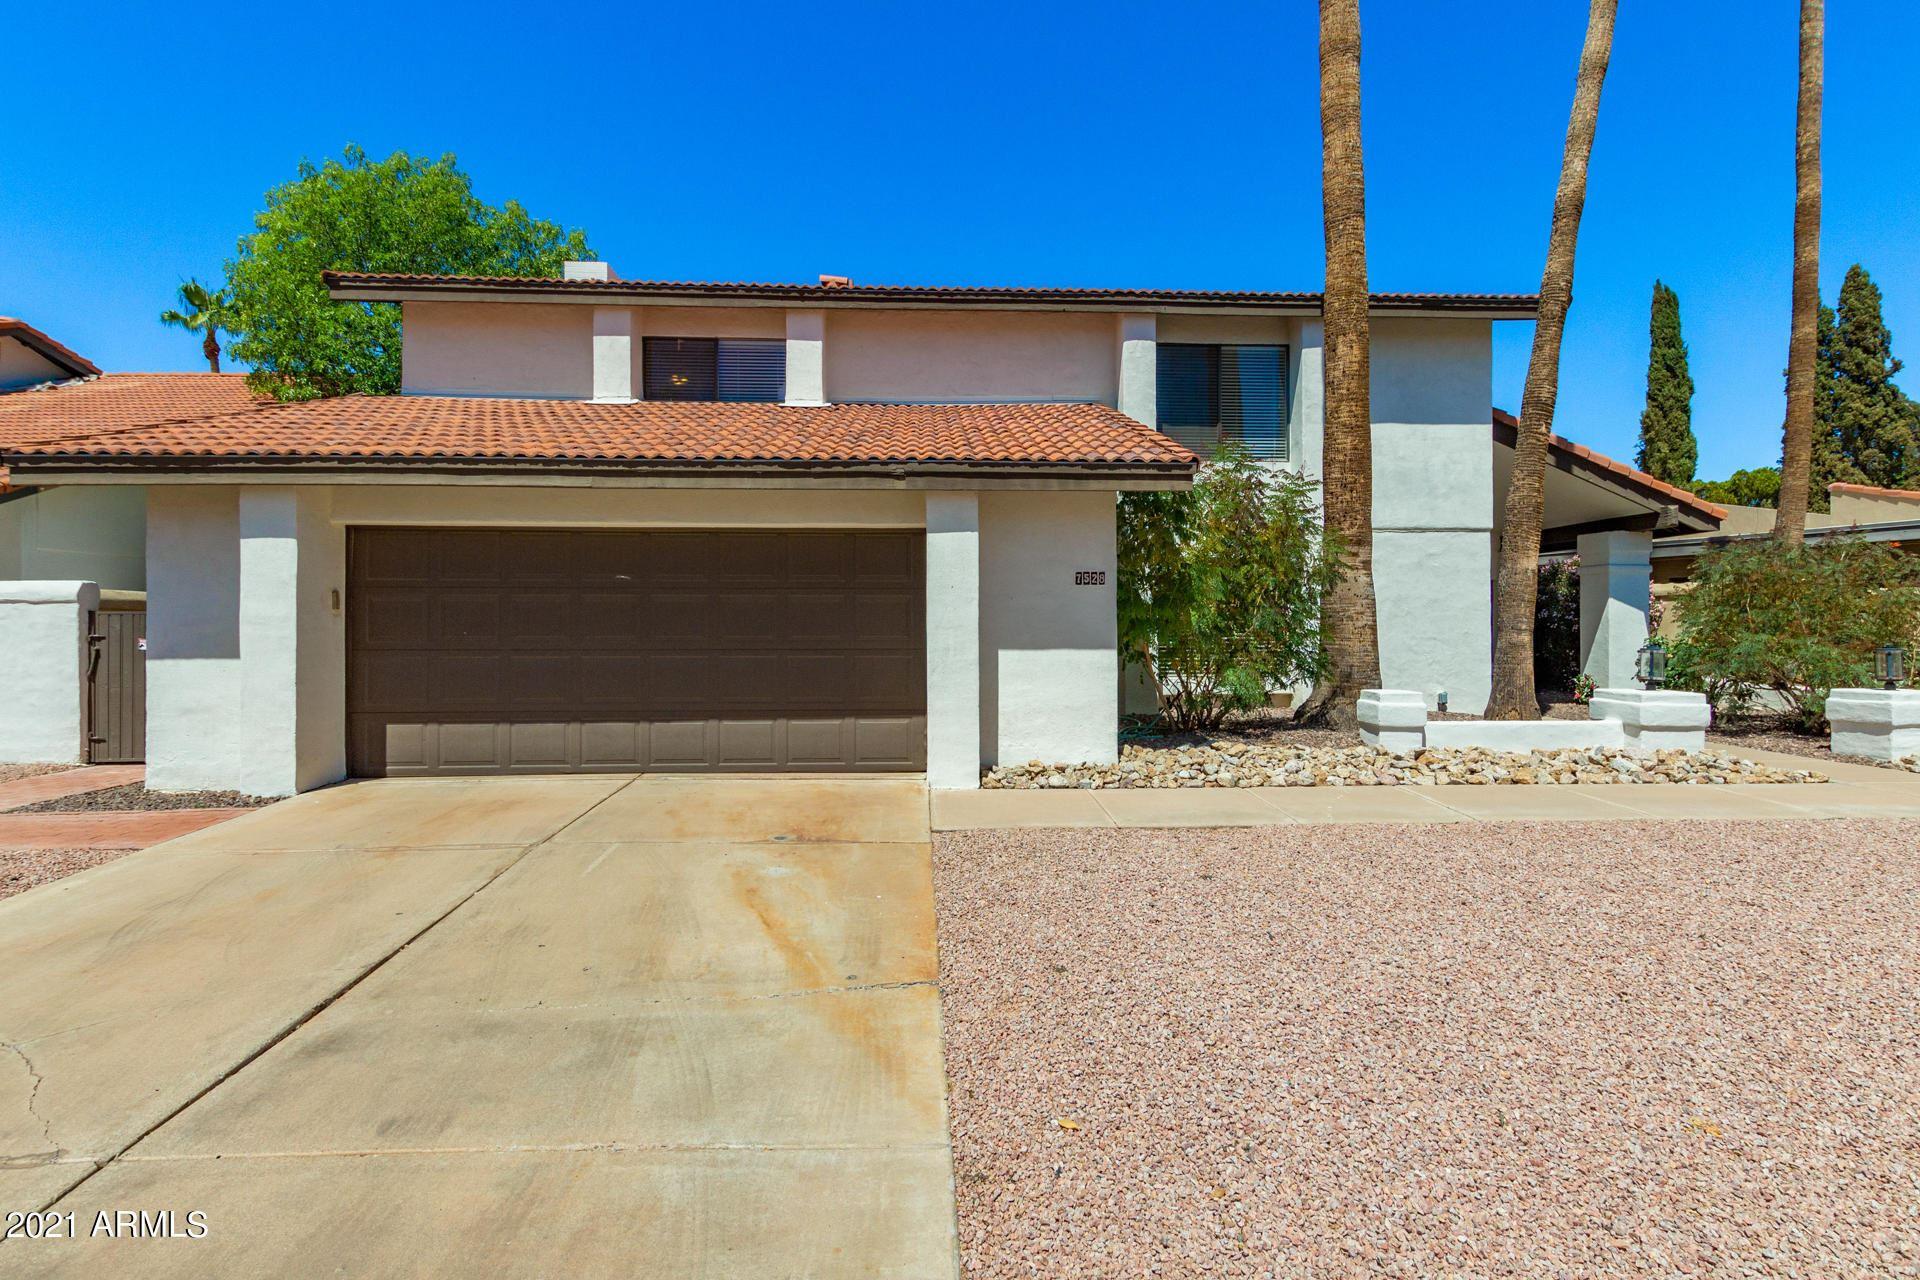 7528 E WOODSHIRE Cove, Scottsdale, AZ 85258 - MLS#: 6229492